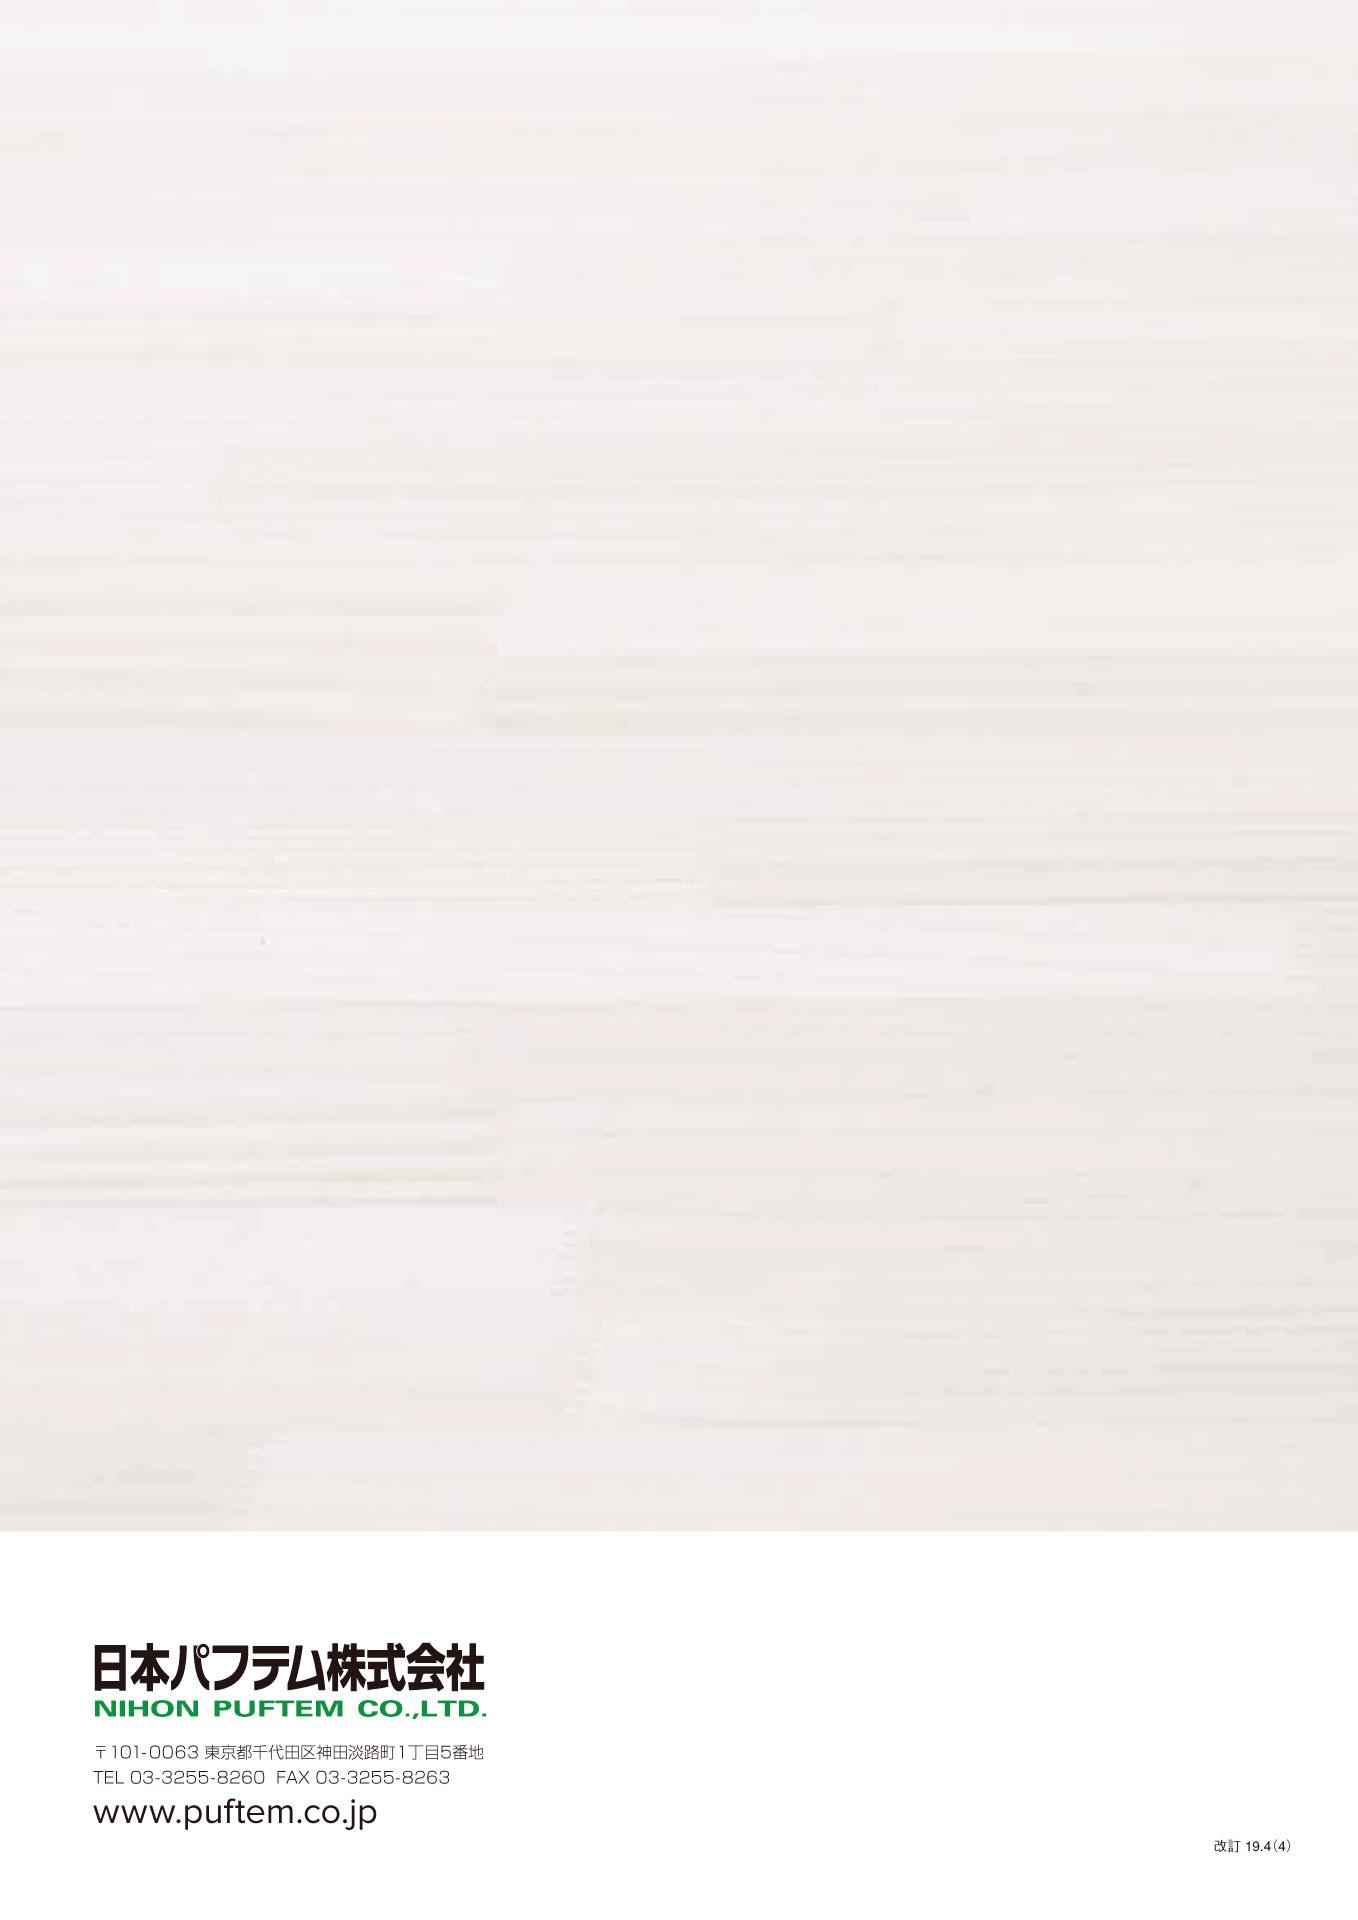 木造住宅用総合カタログ裏表紙